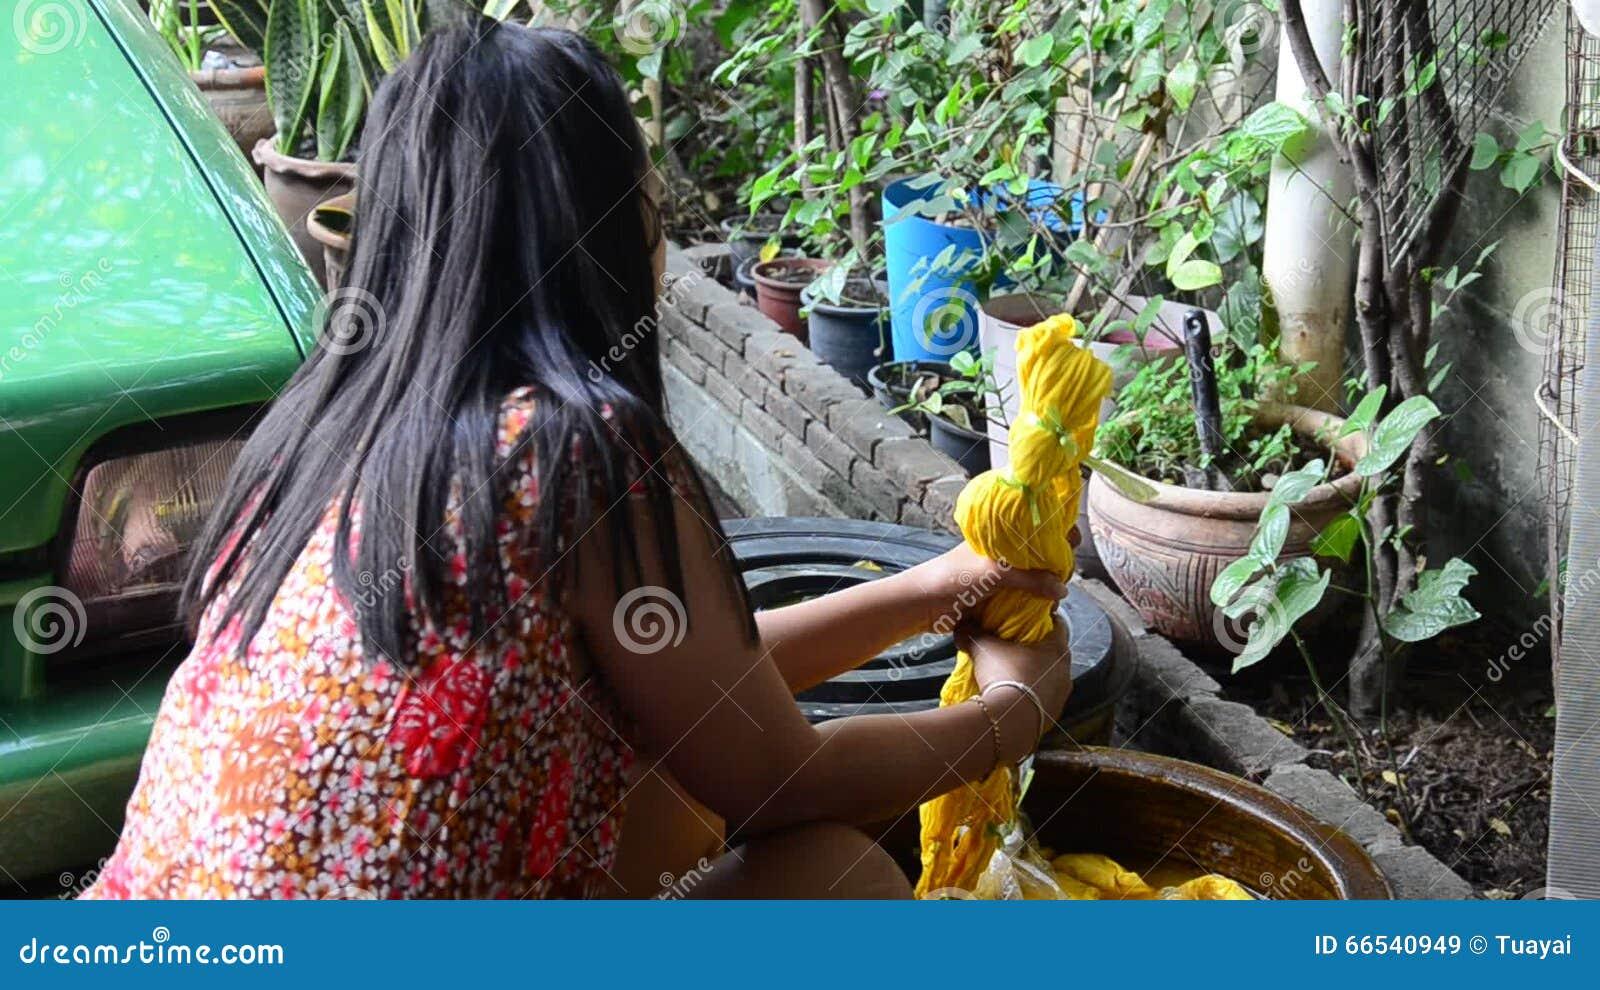 Tolle Natürliche Gelbe Färbung Bilder - Druckbare Malvorlagen ...